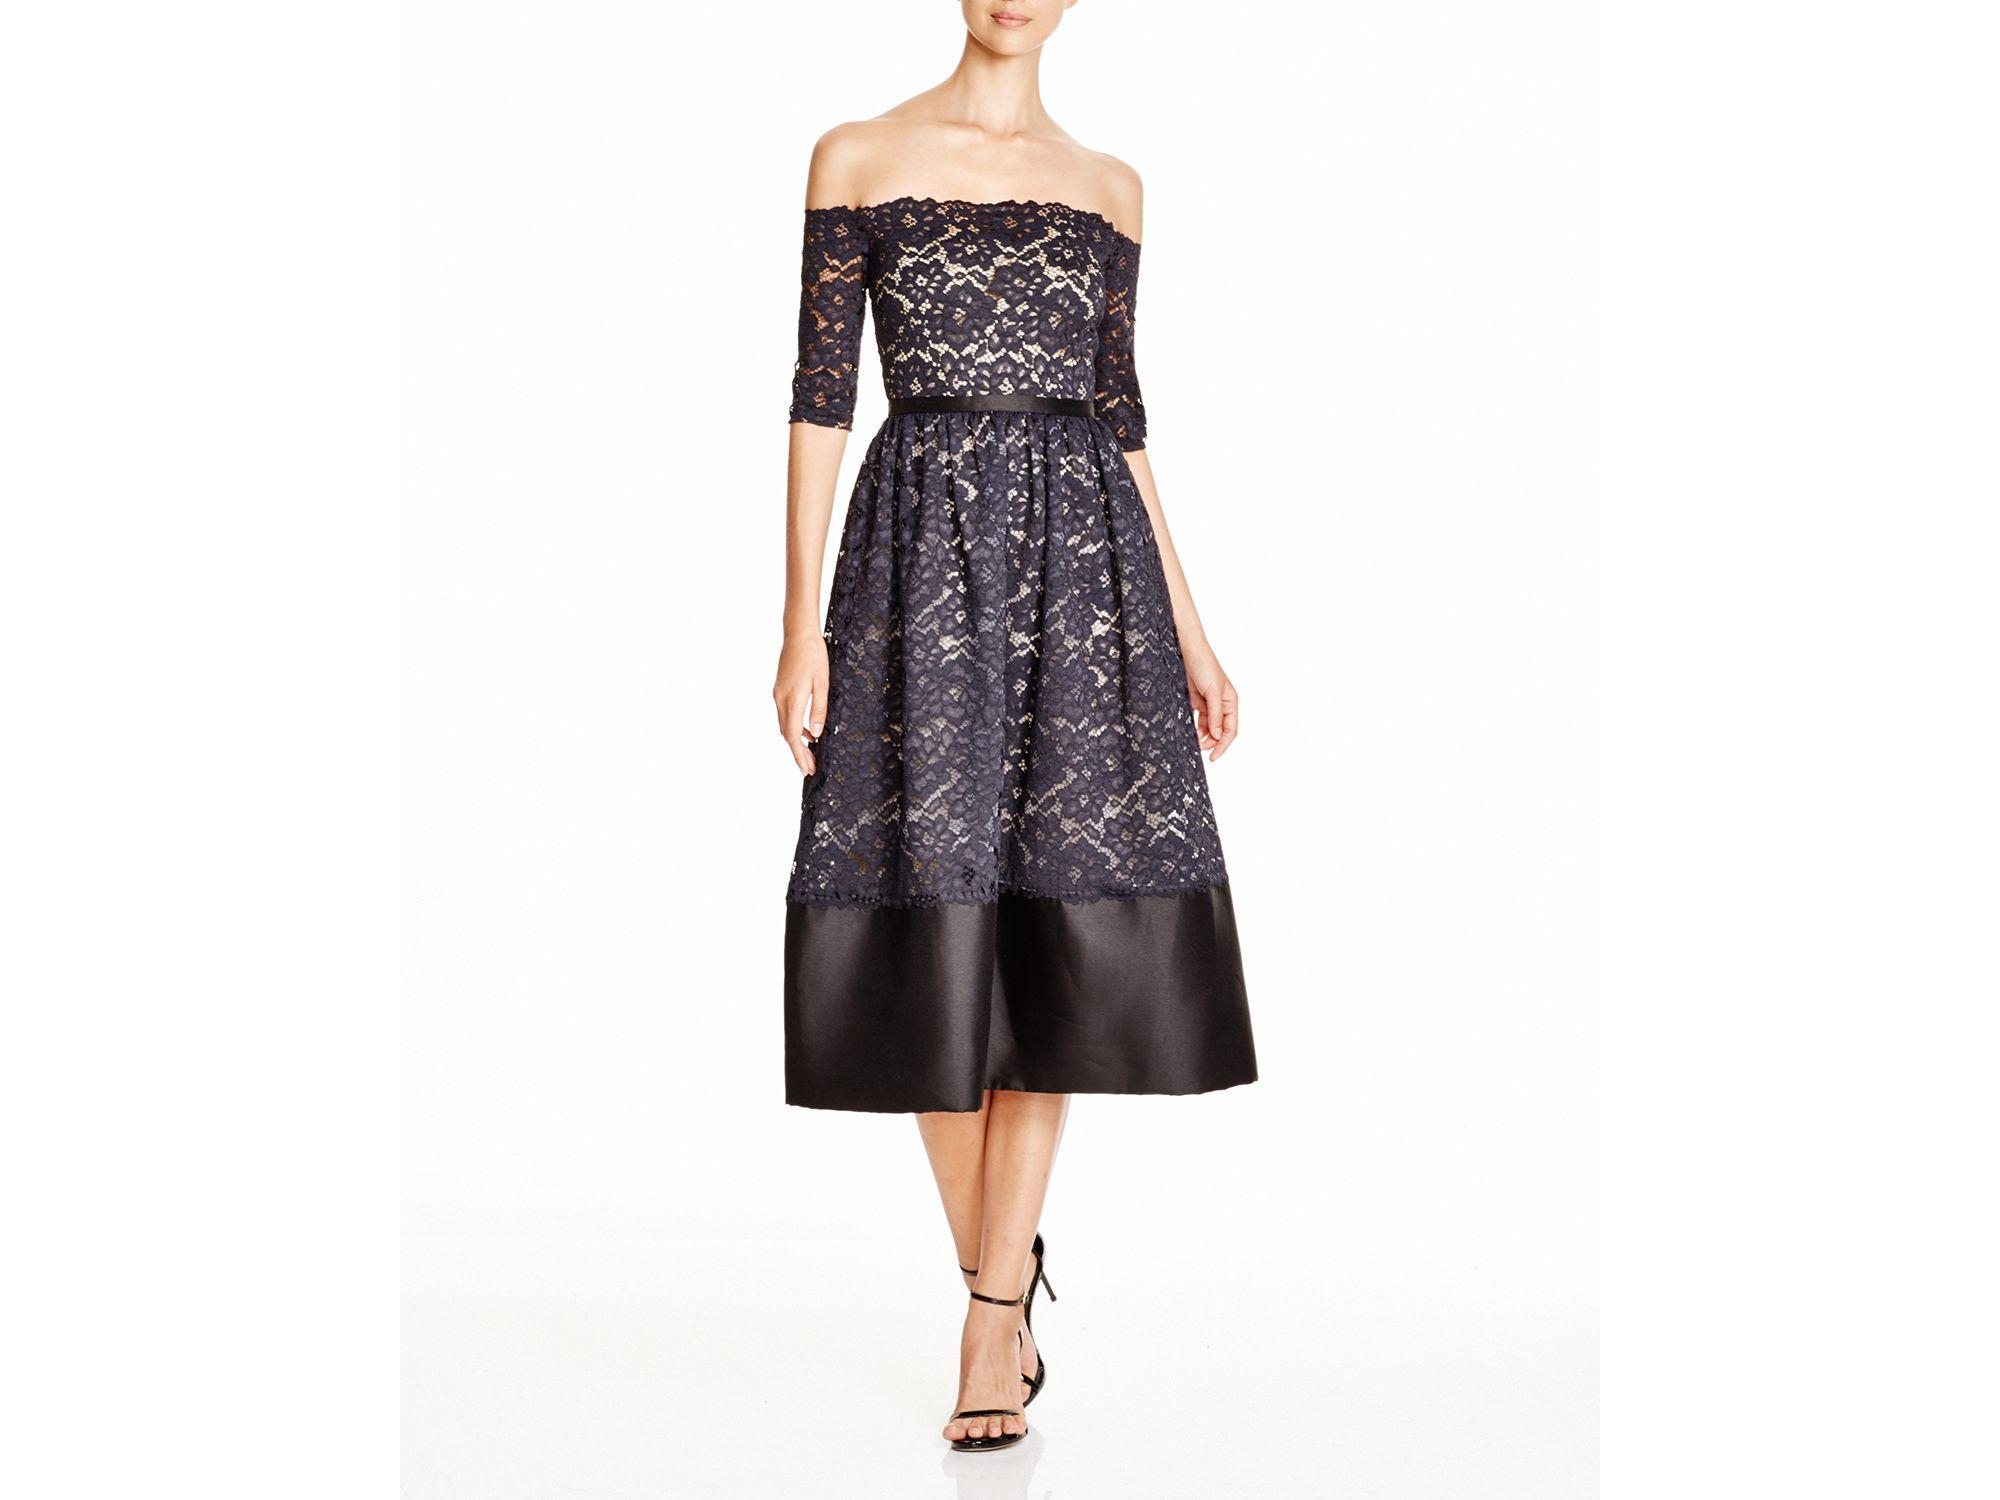 470686e5 ML Monique Lhuillier Ml Monique Lhuiller Off-the-shoulder Lace Dress ...